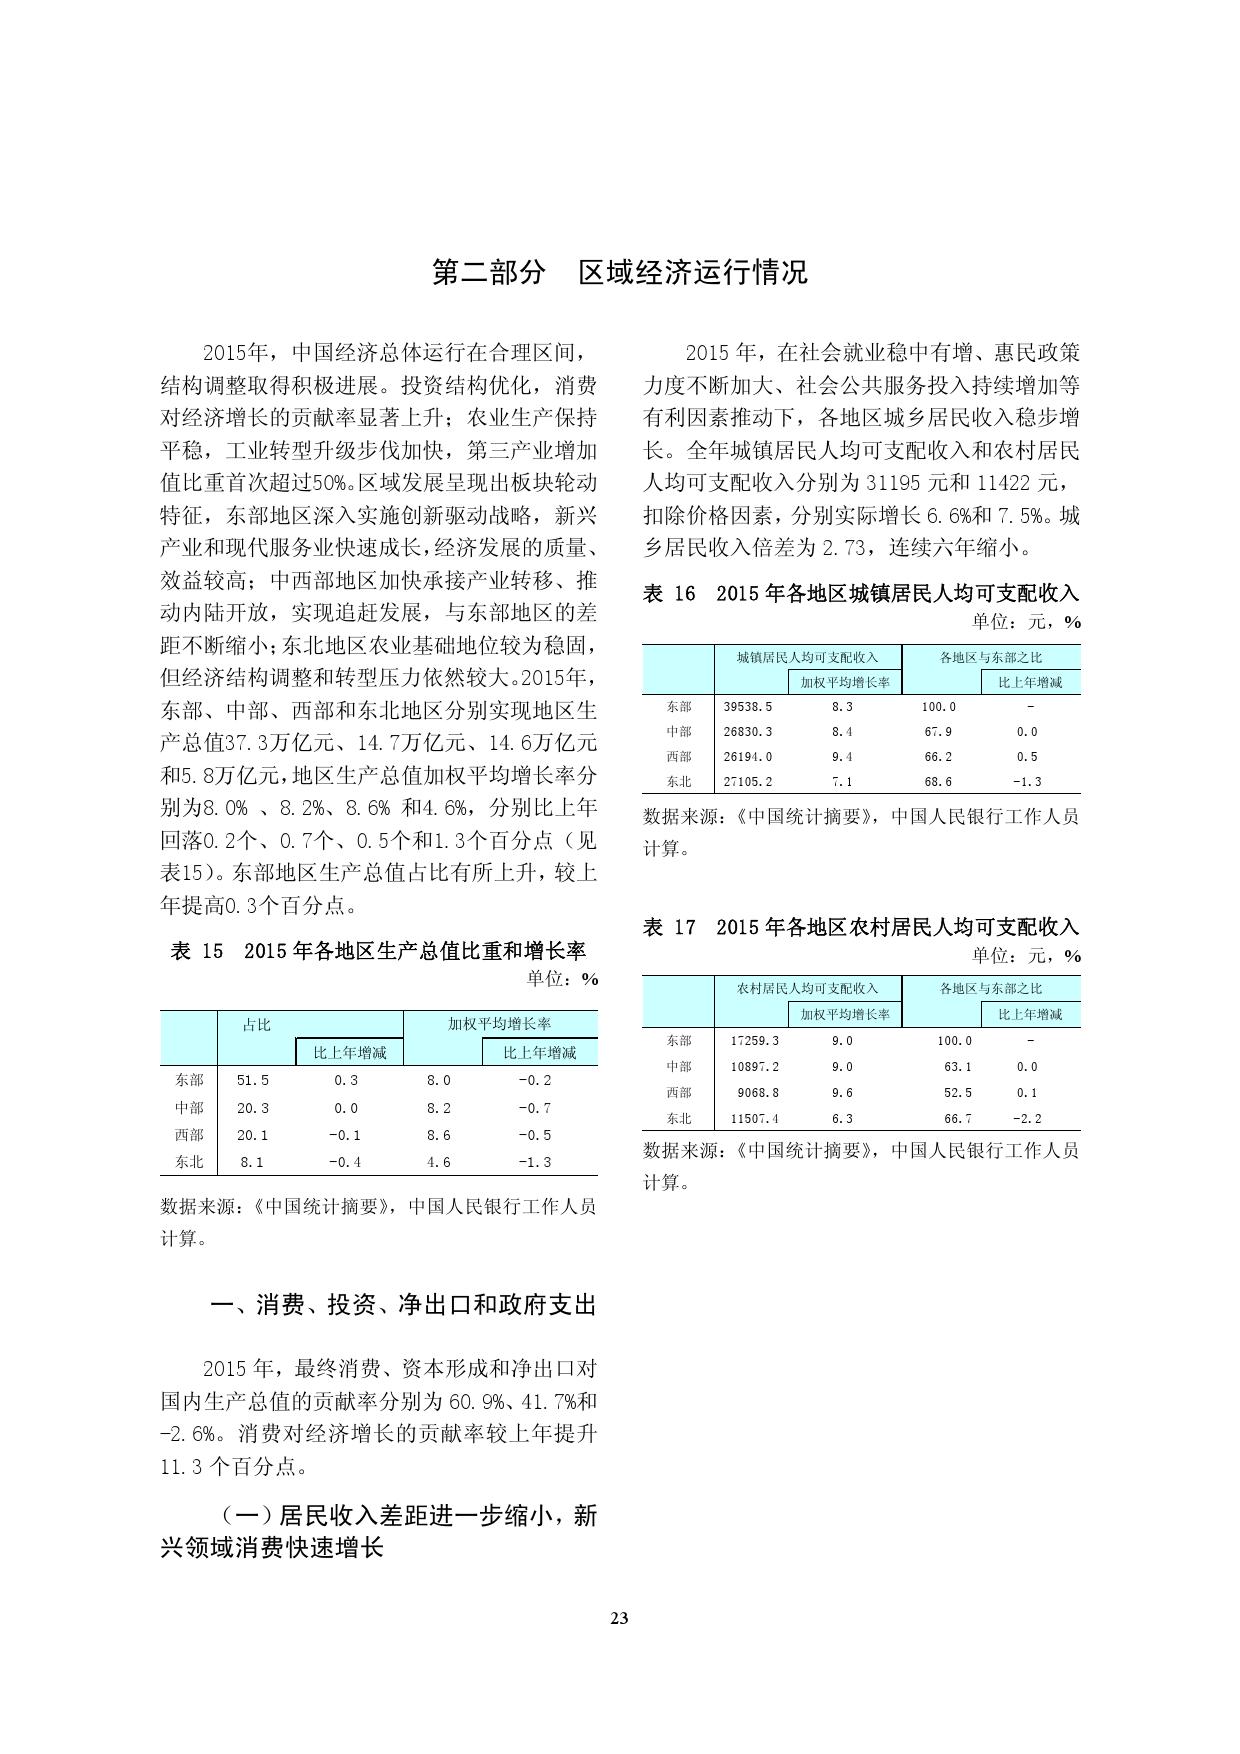 2015年中国区域金融运行报告_000026